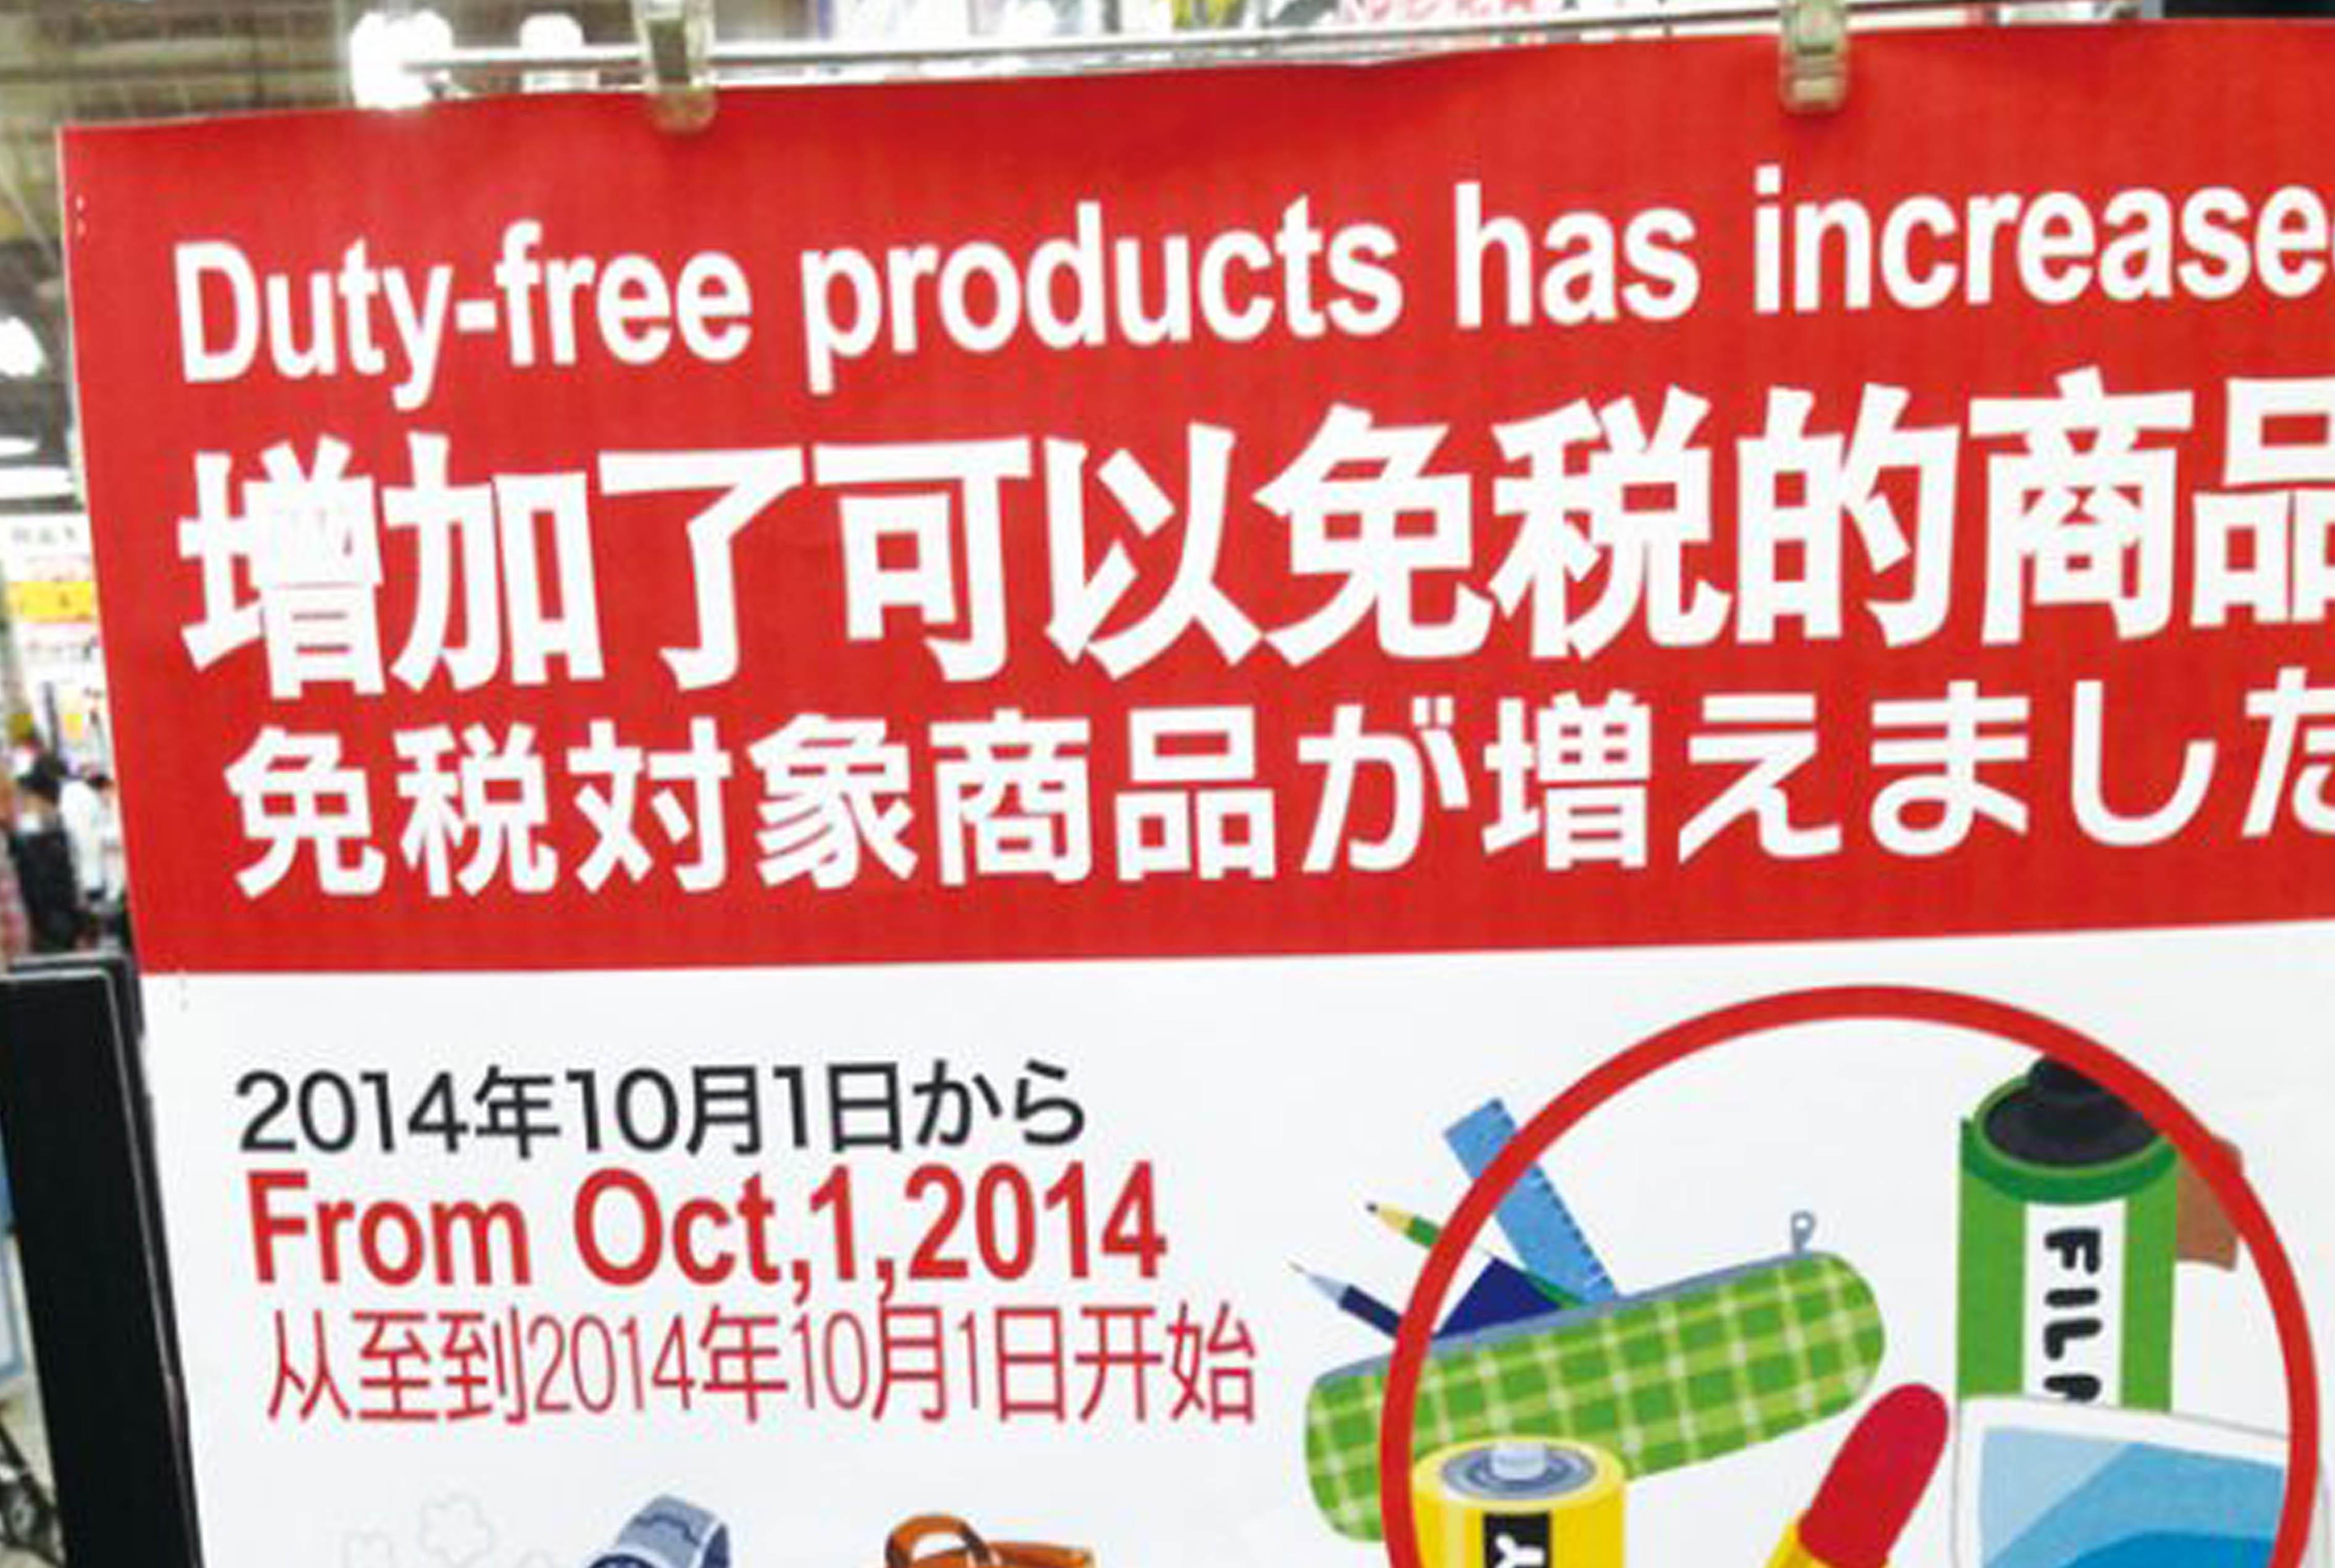 タイに住む日本人に朗報!日本での買い物が免税対象に!? - ワイズデジタル【タイで生活する人のための情報サイト】